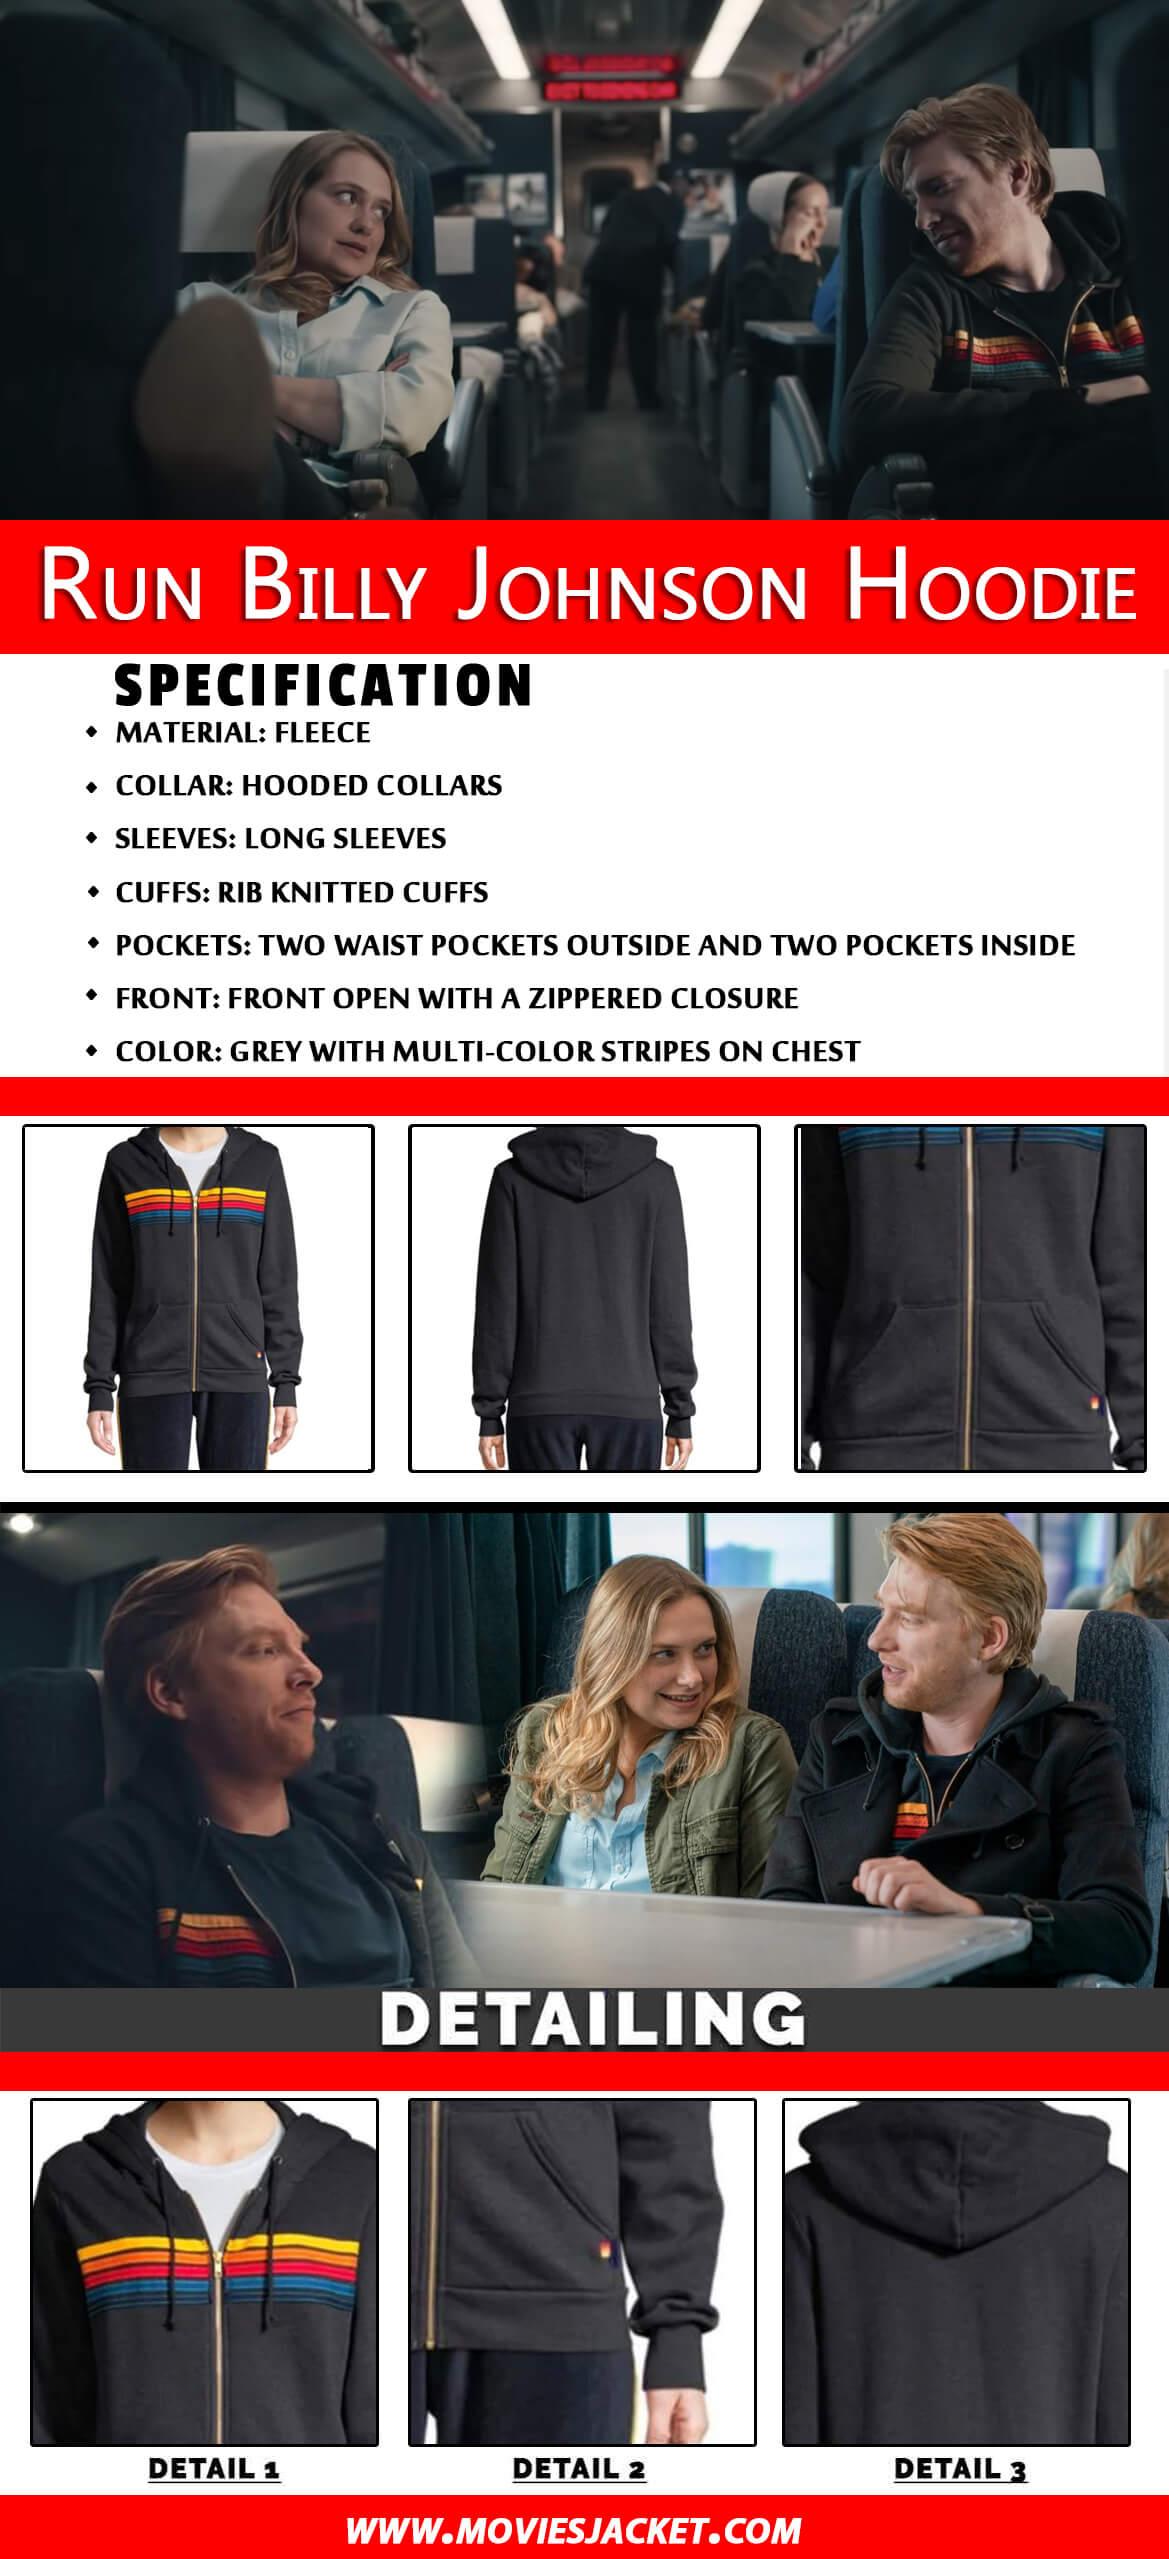 run-billy-johnson-hoodie-infographic